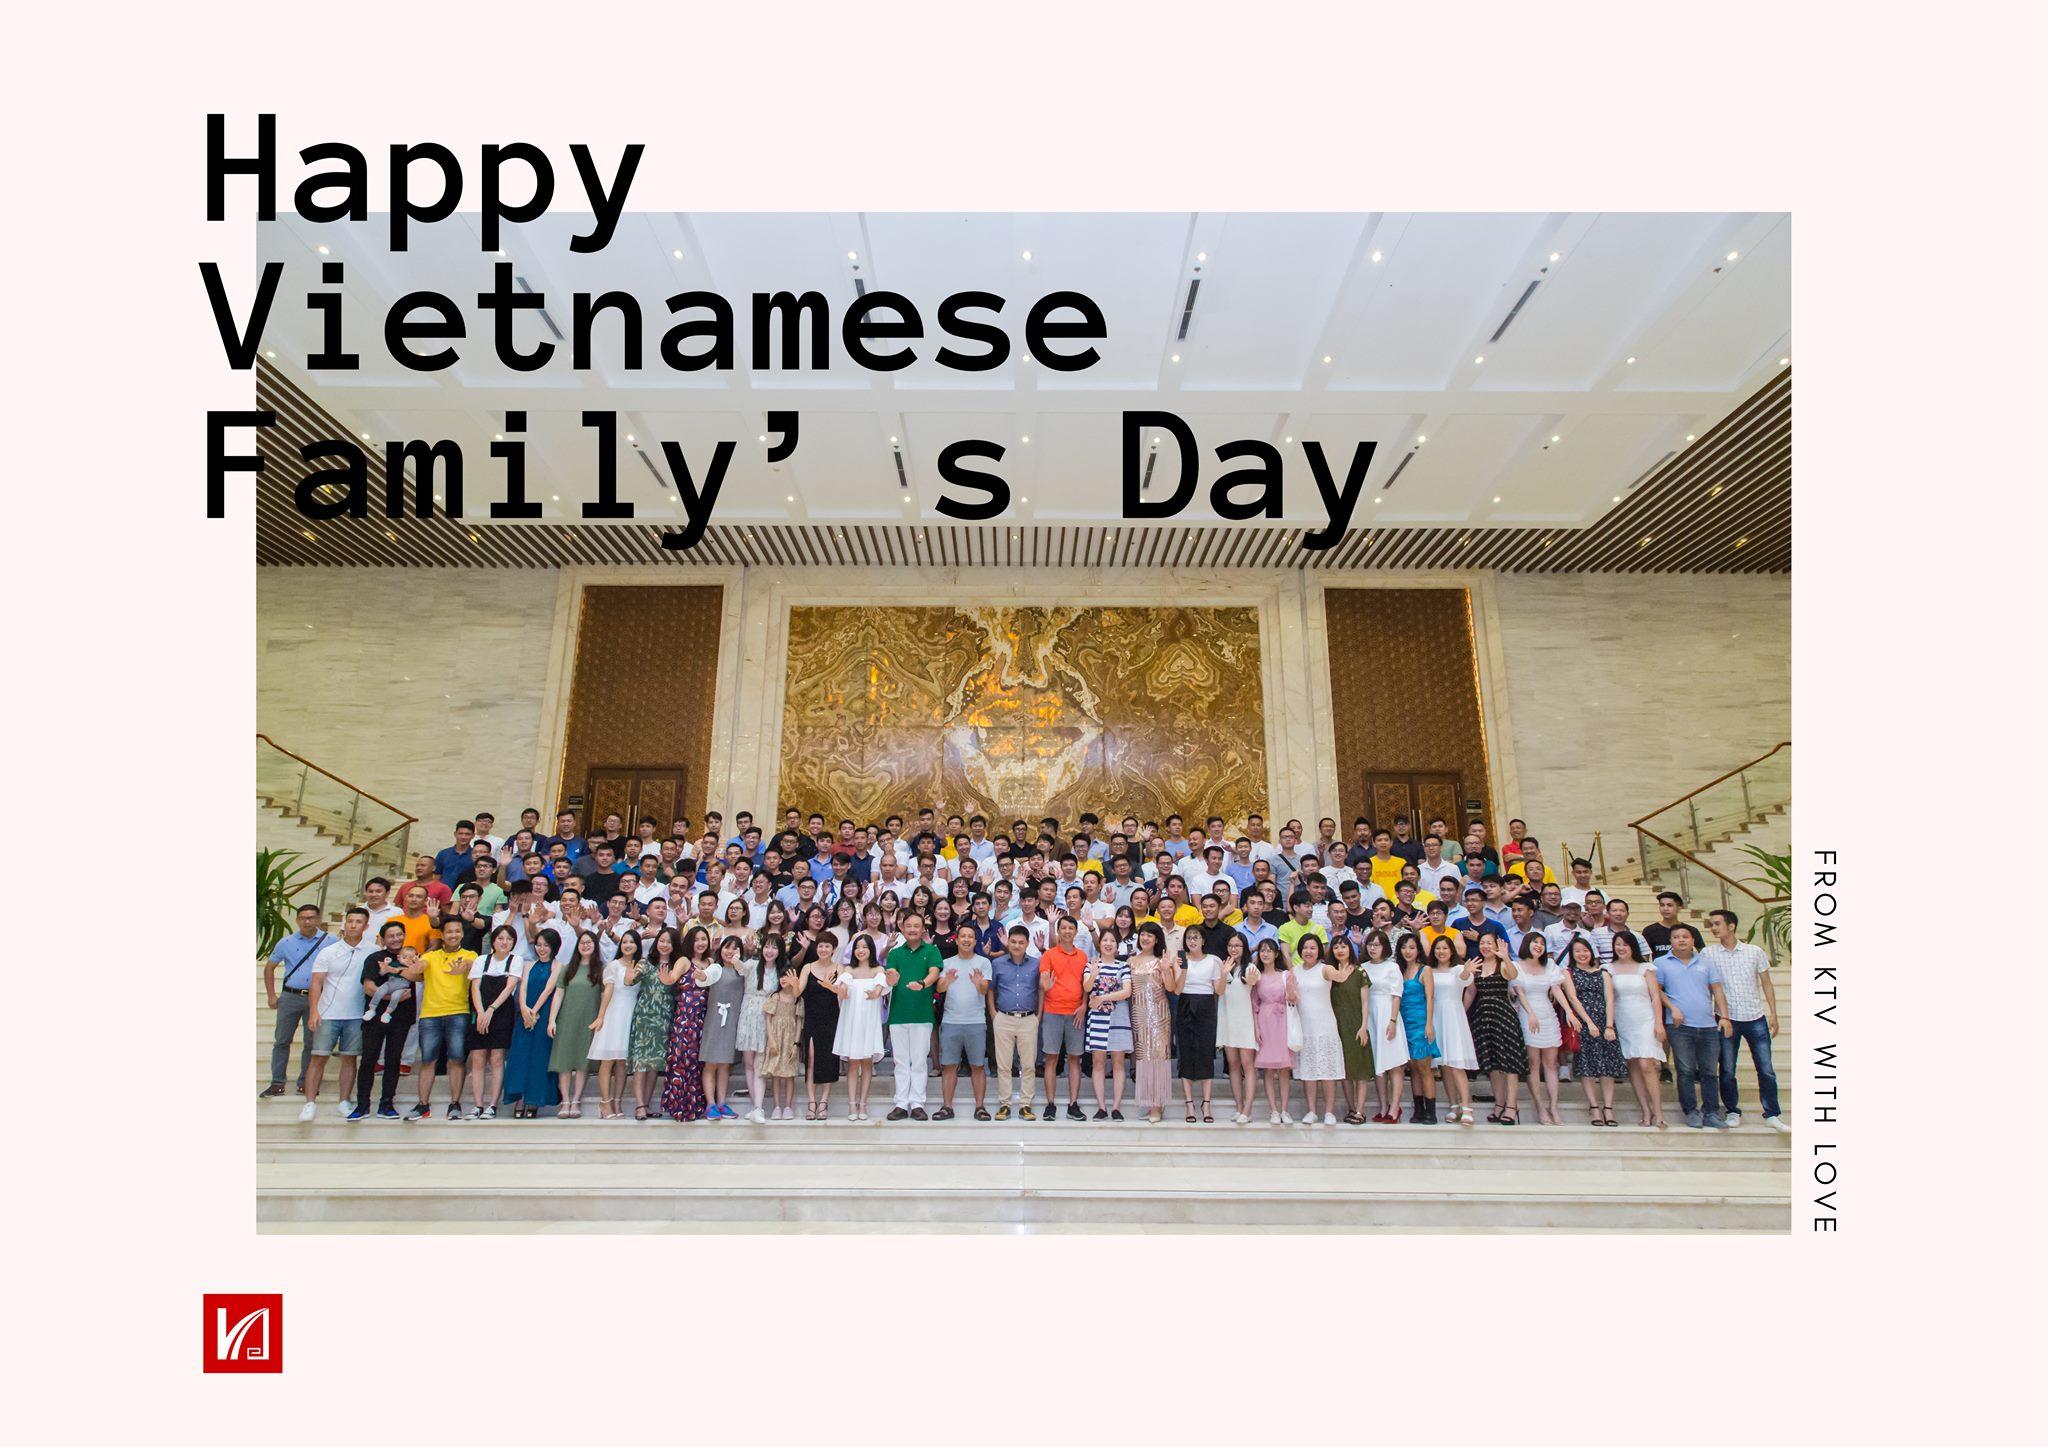 Chúc mừng ngày Gia đình Việt Nam!